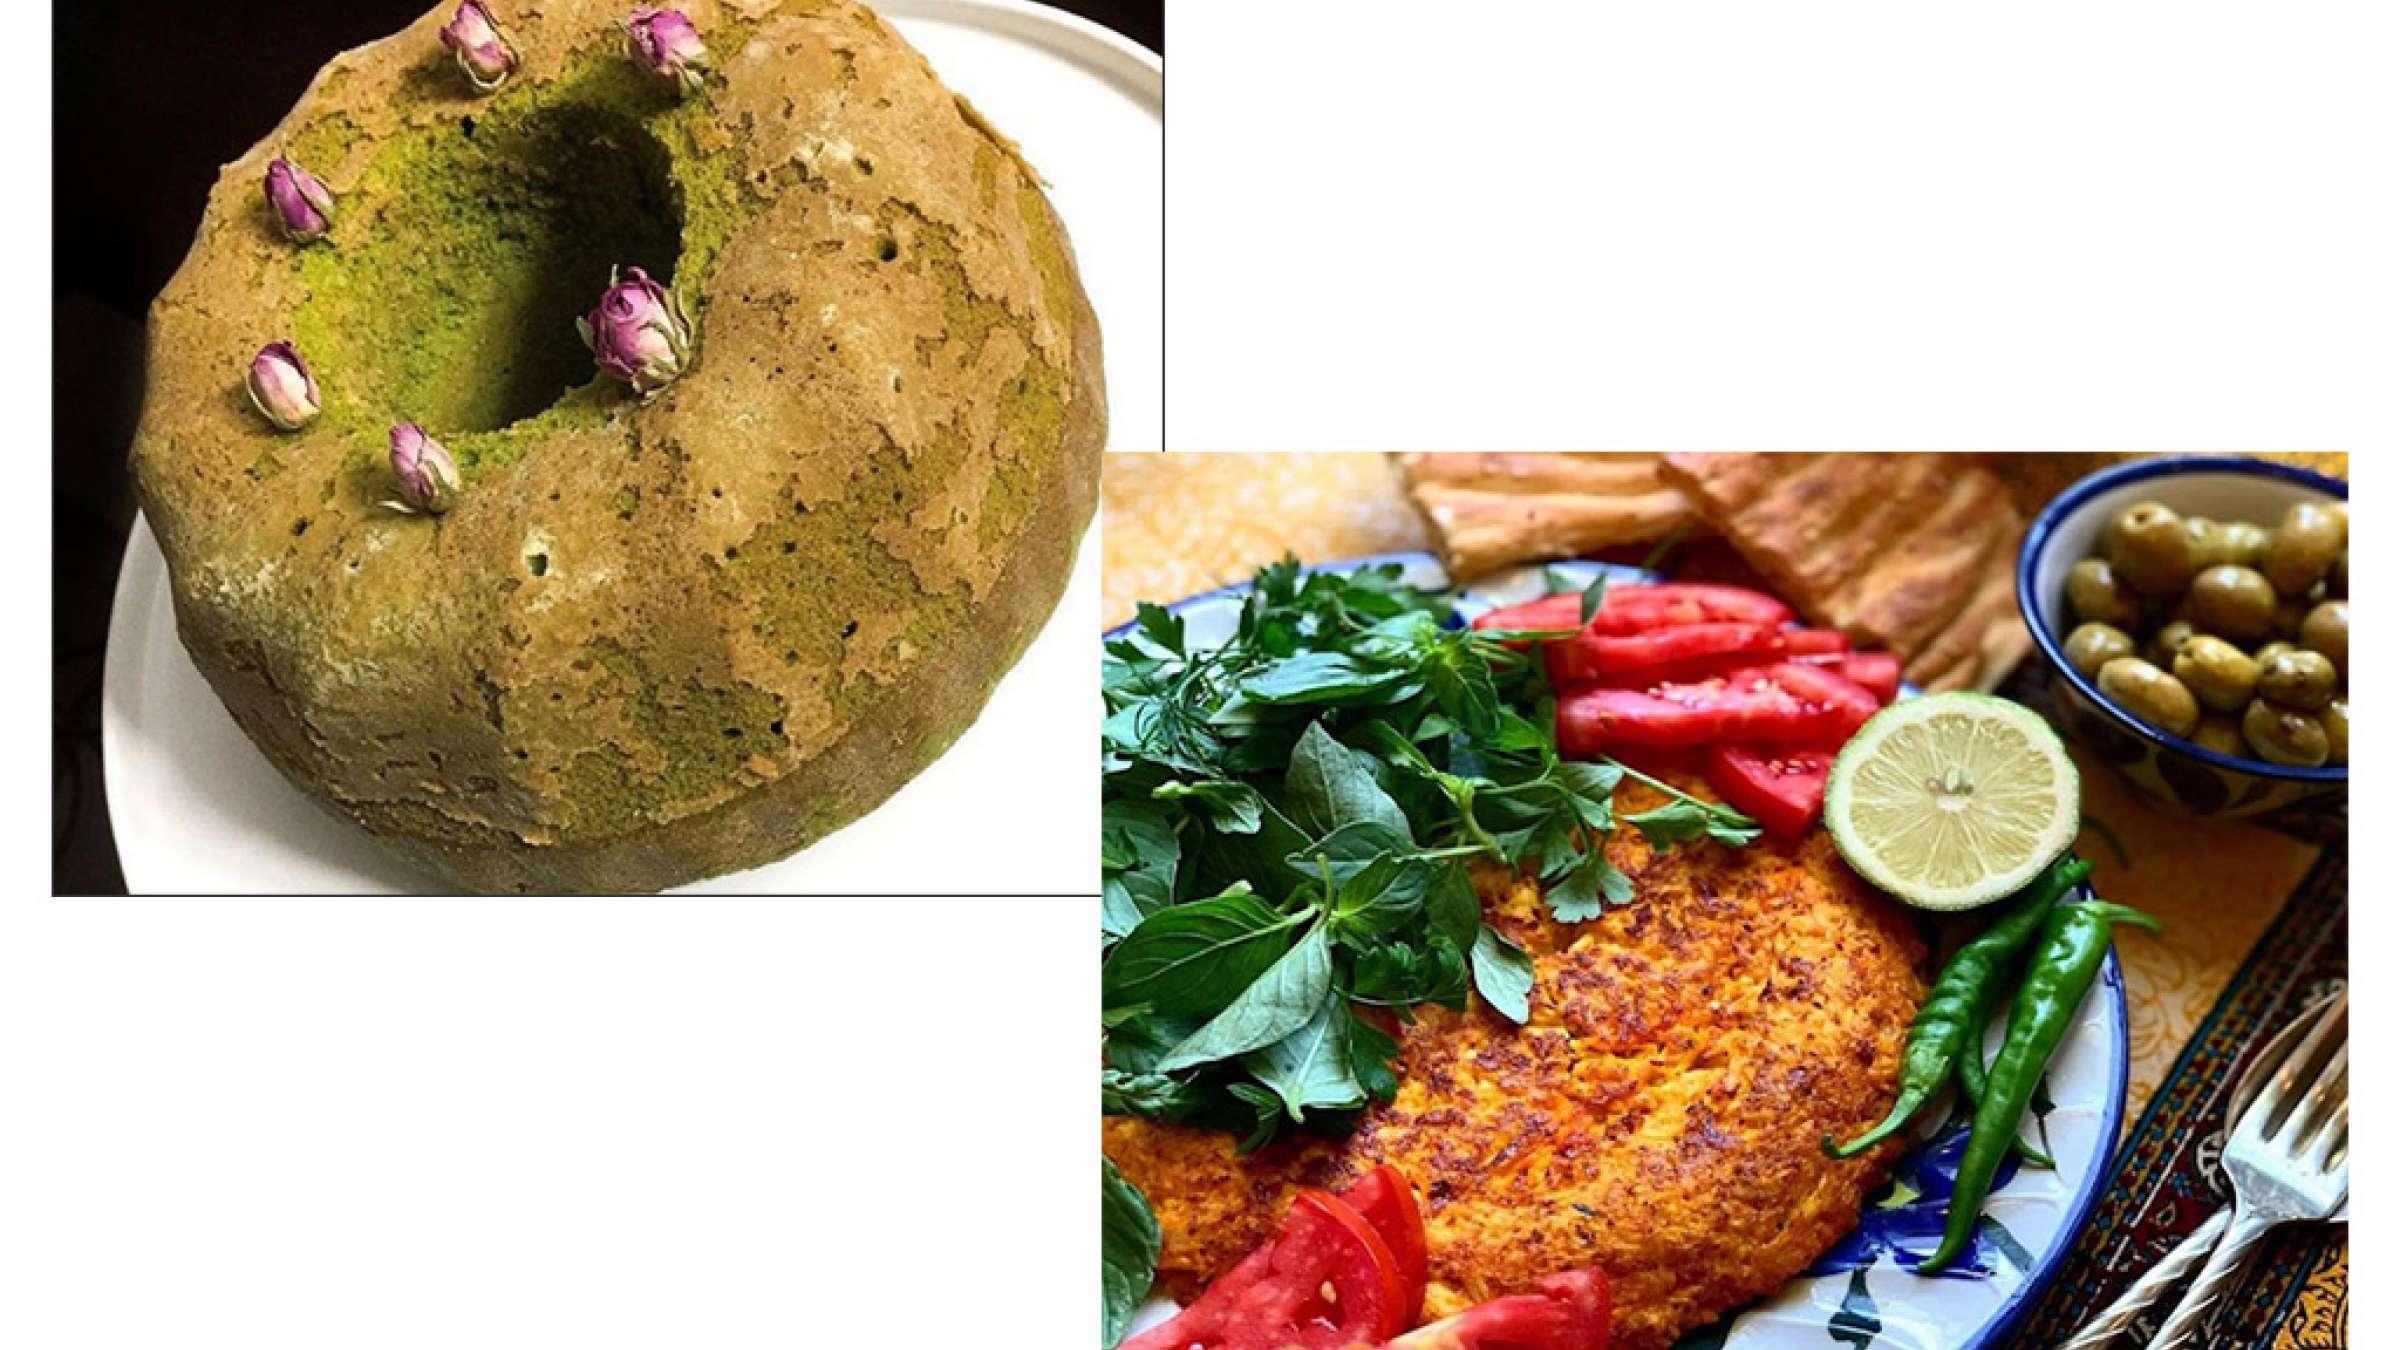 آشپزی-ترابی-کوکوی-قفقازی-کیک-اسفناج